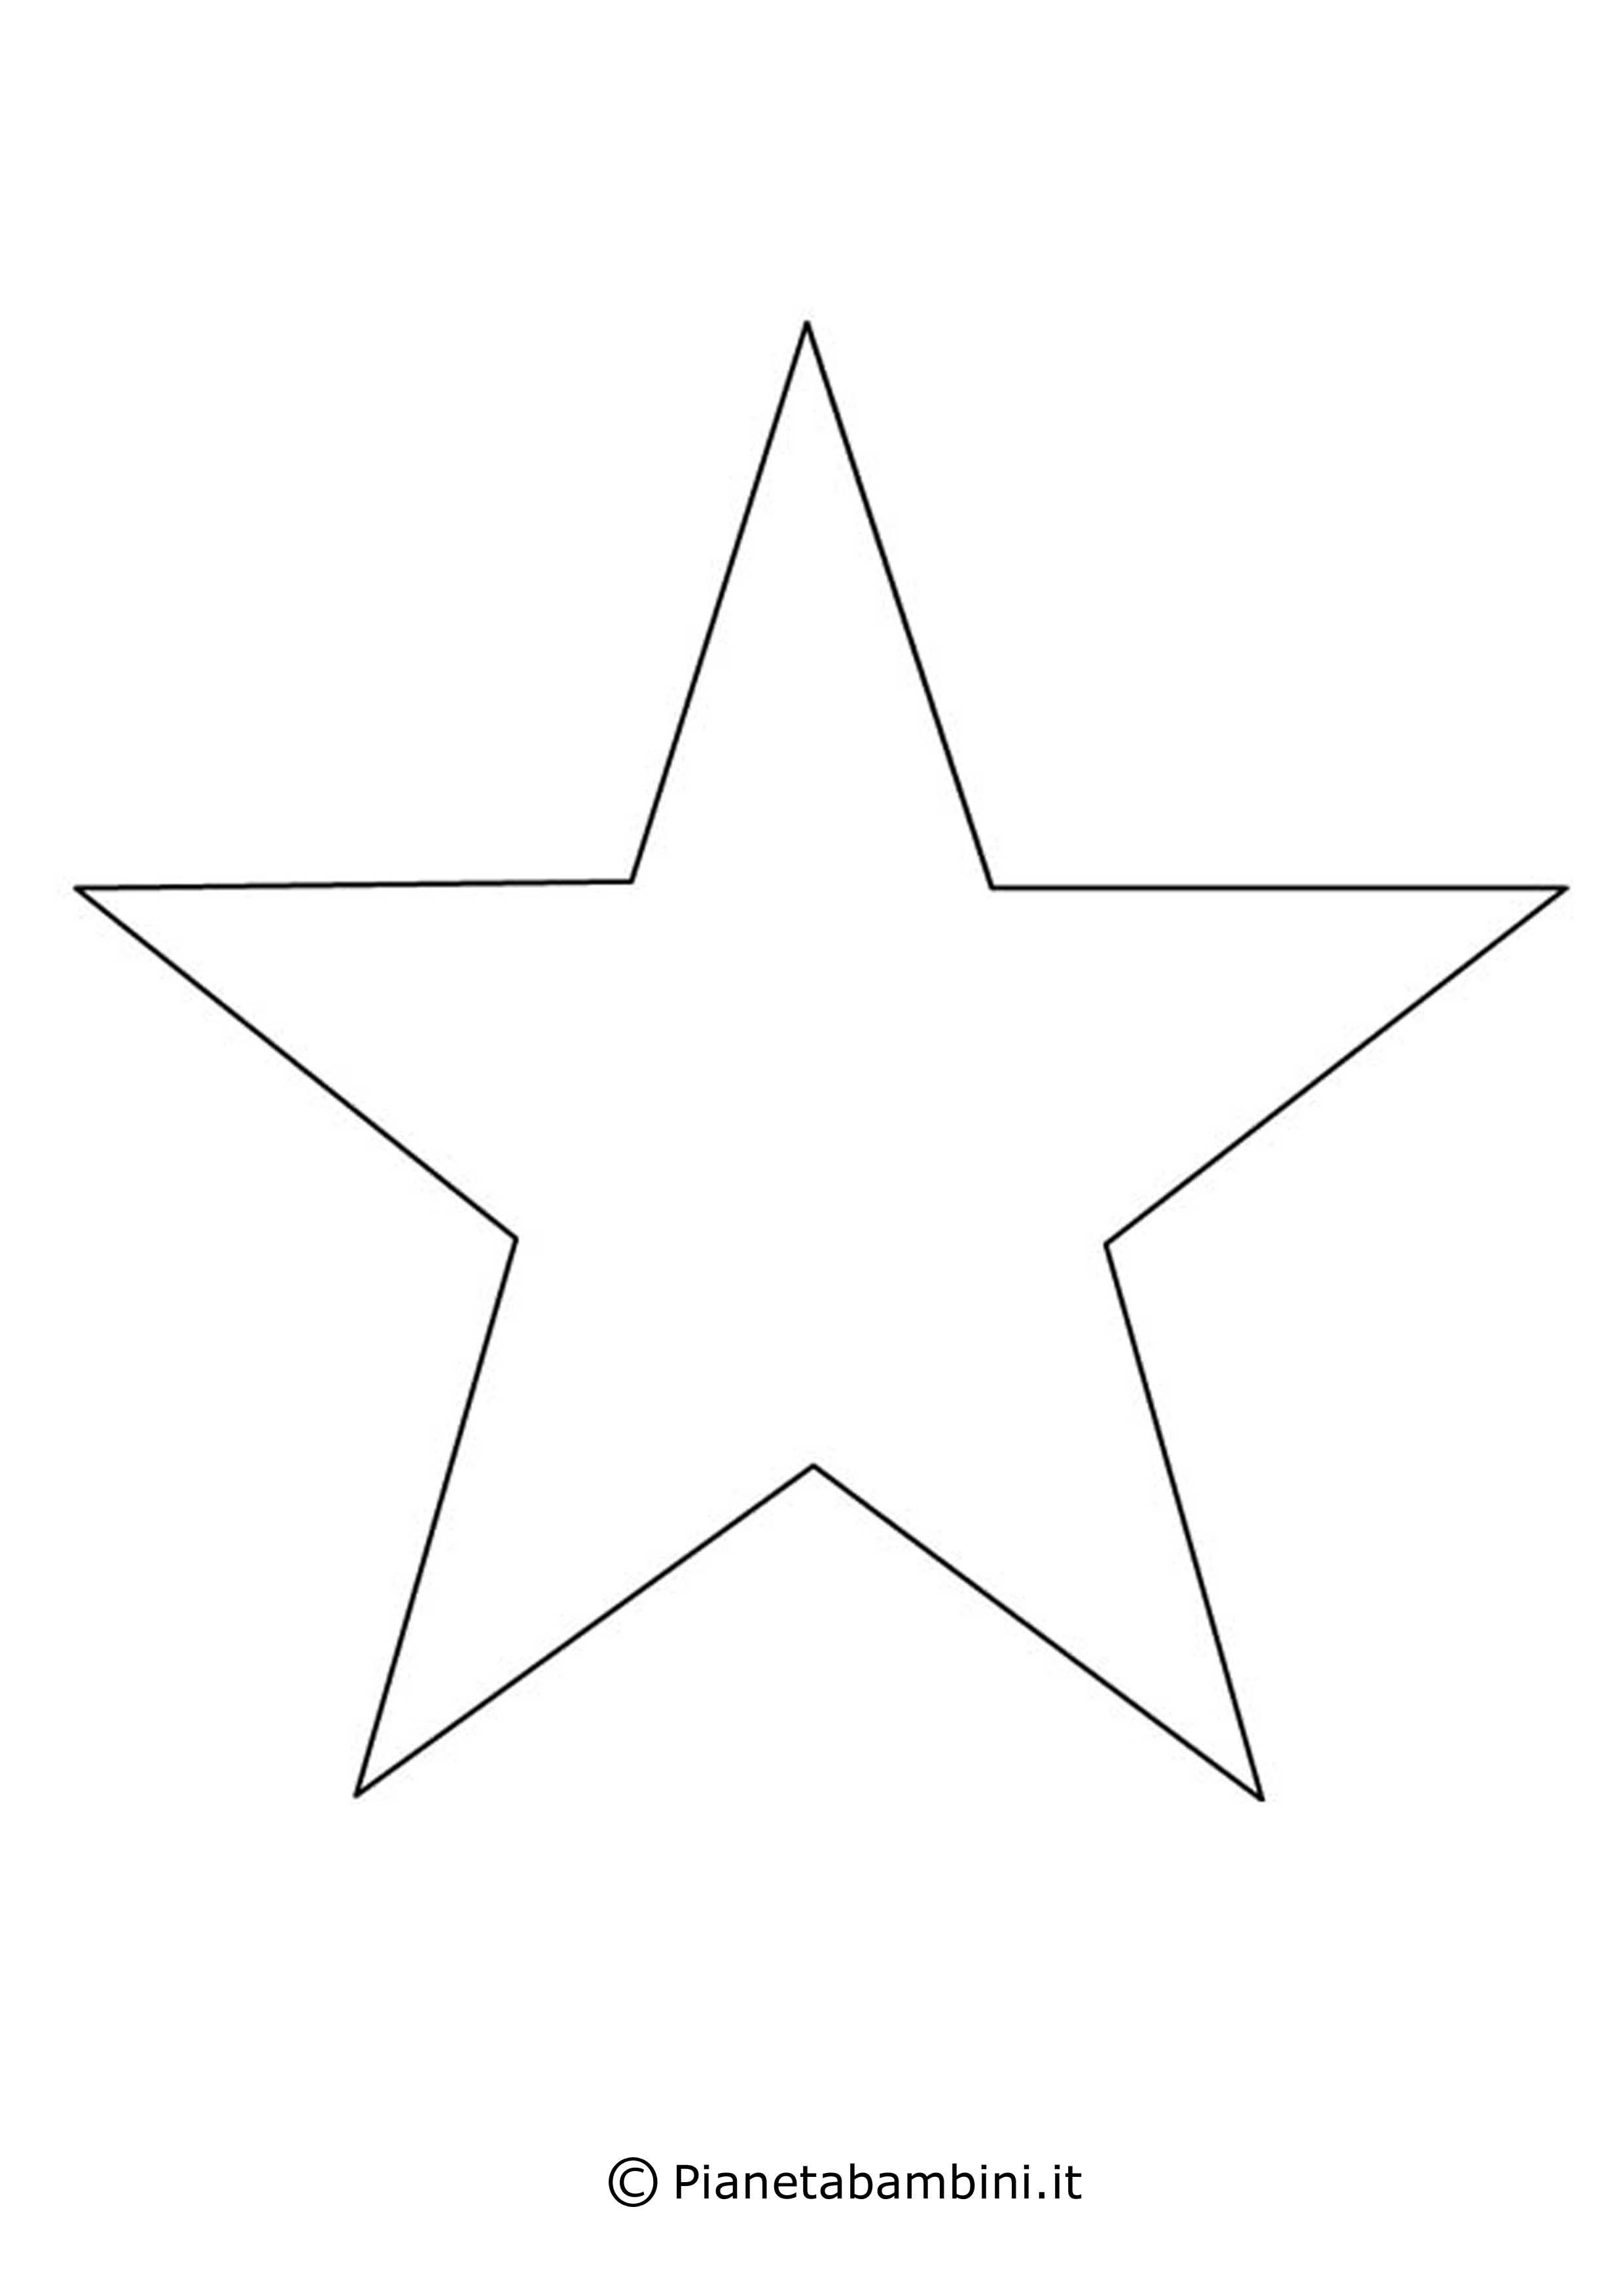 29/11/2012· tema di anders norén. Disegni Di Stelle Da Stampare Colorare E Ritagliare Stelle Di Legno Immagini Di Natale Stella Di Natale